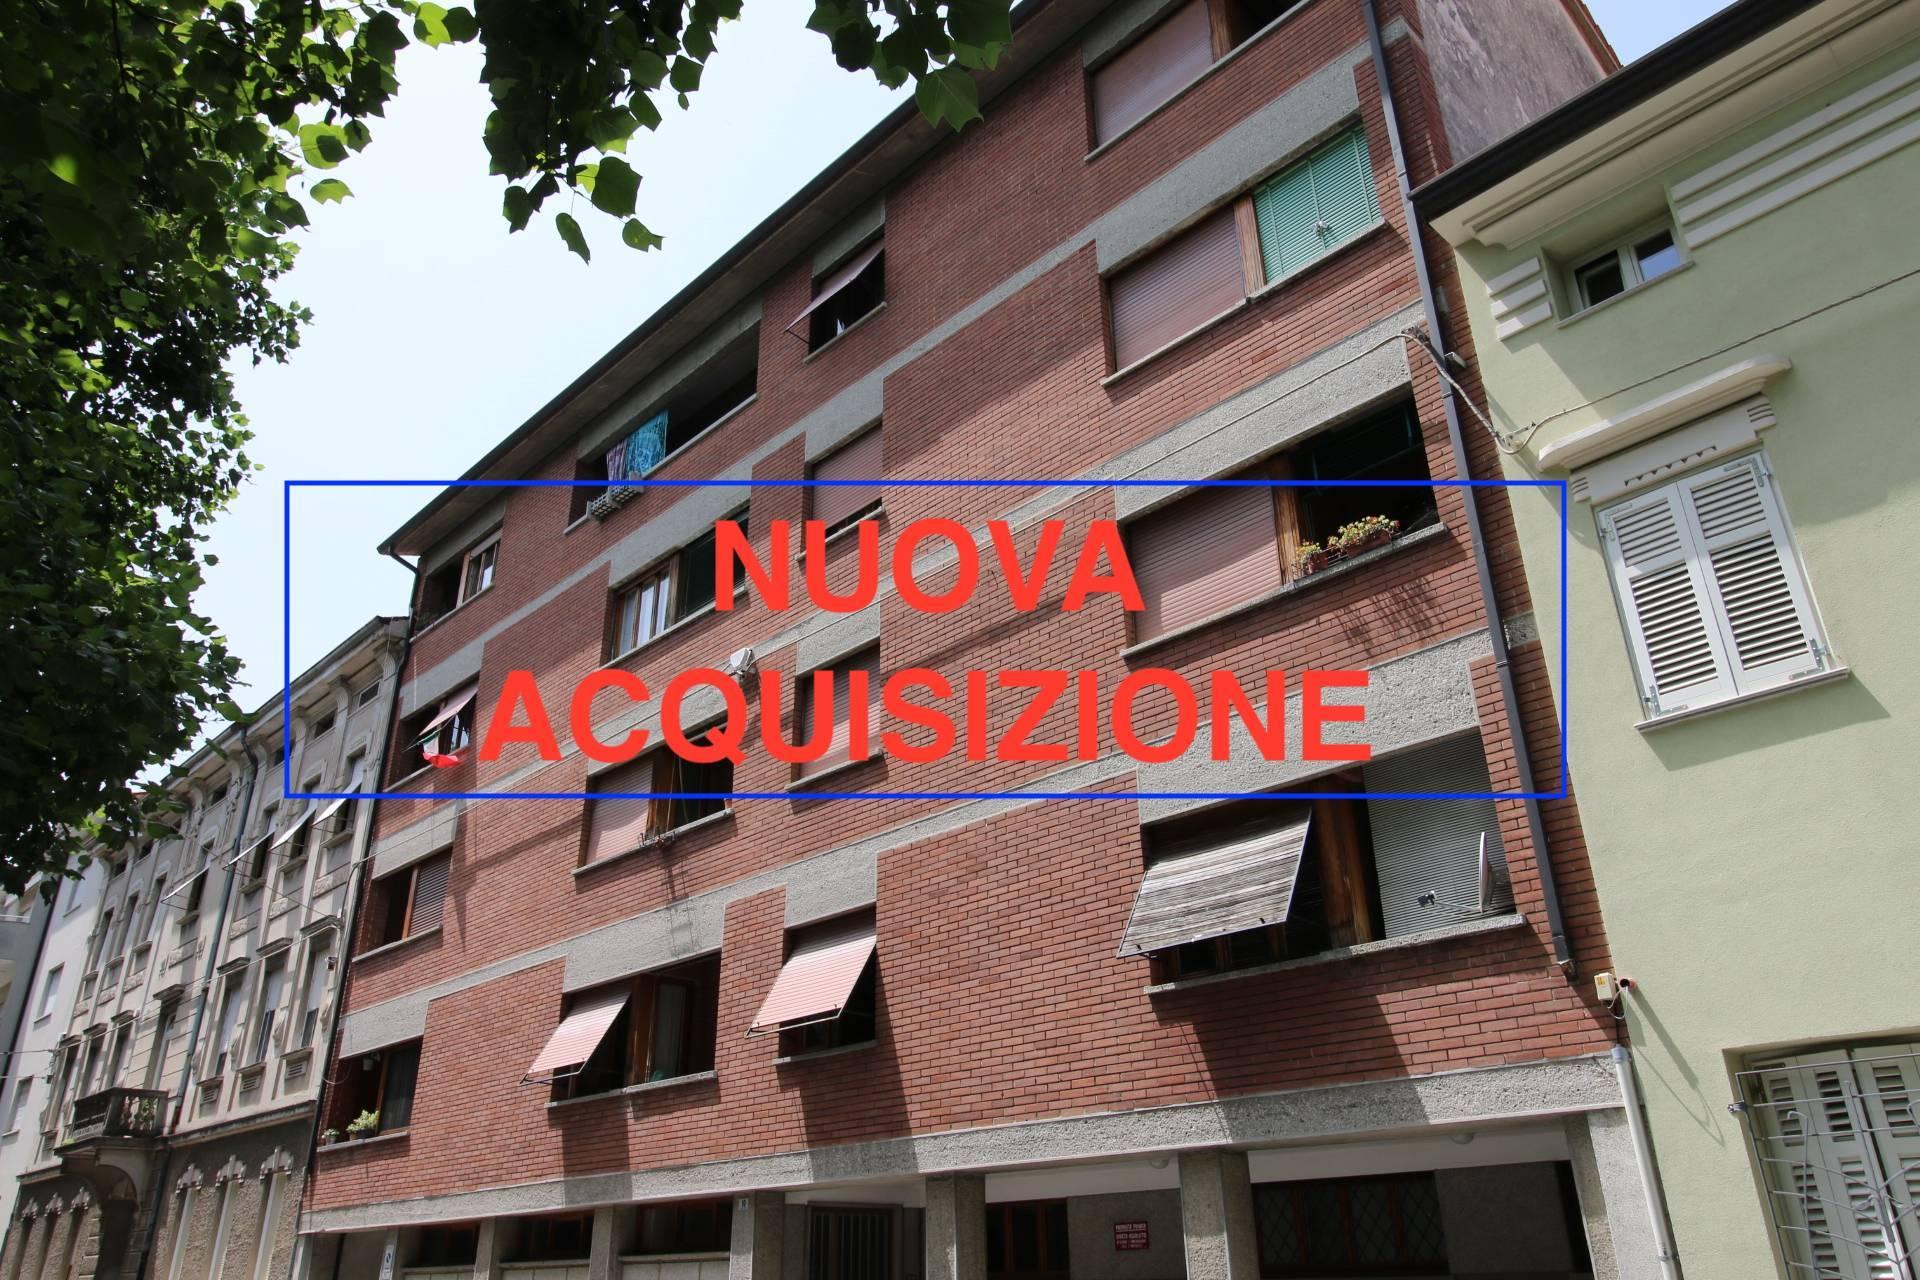 Appartamento in vendita a Gorizia, 5 locali, zona Località: centro, prezzo € 69.000   CambioCasa.it